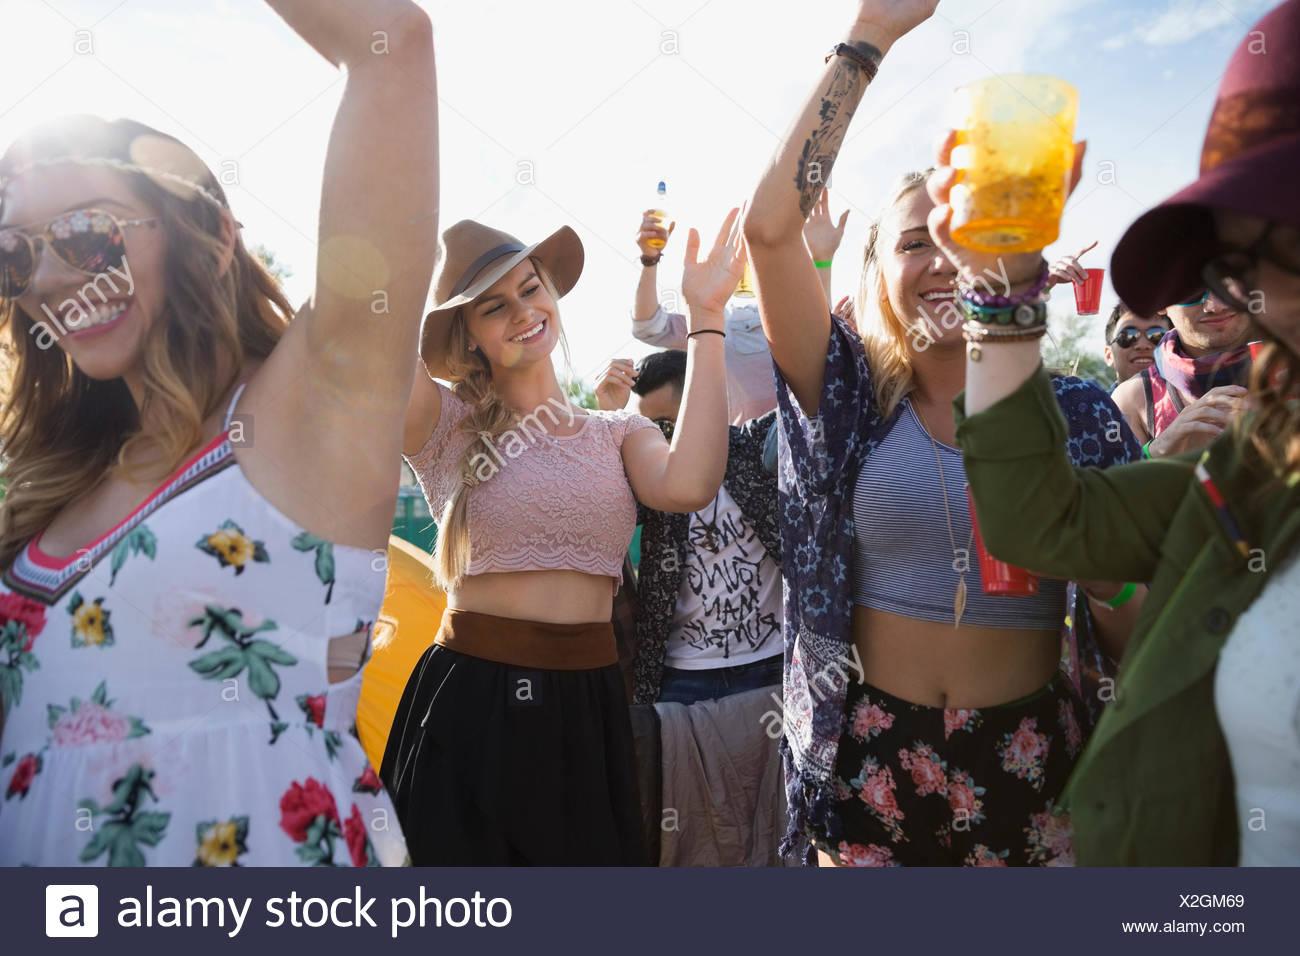 Junges Publikum tanzen in der Sommer-Musikfestival Stockbild